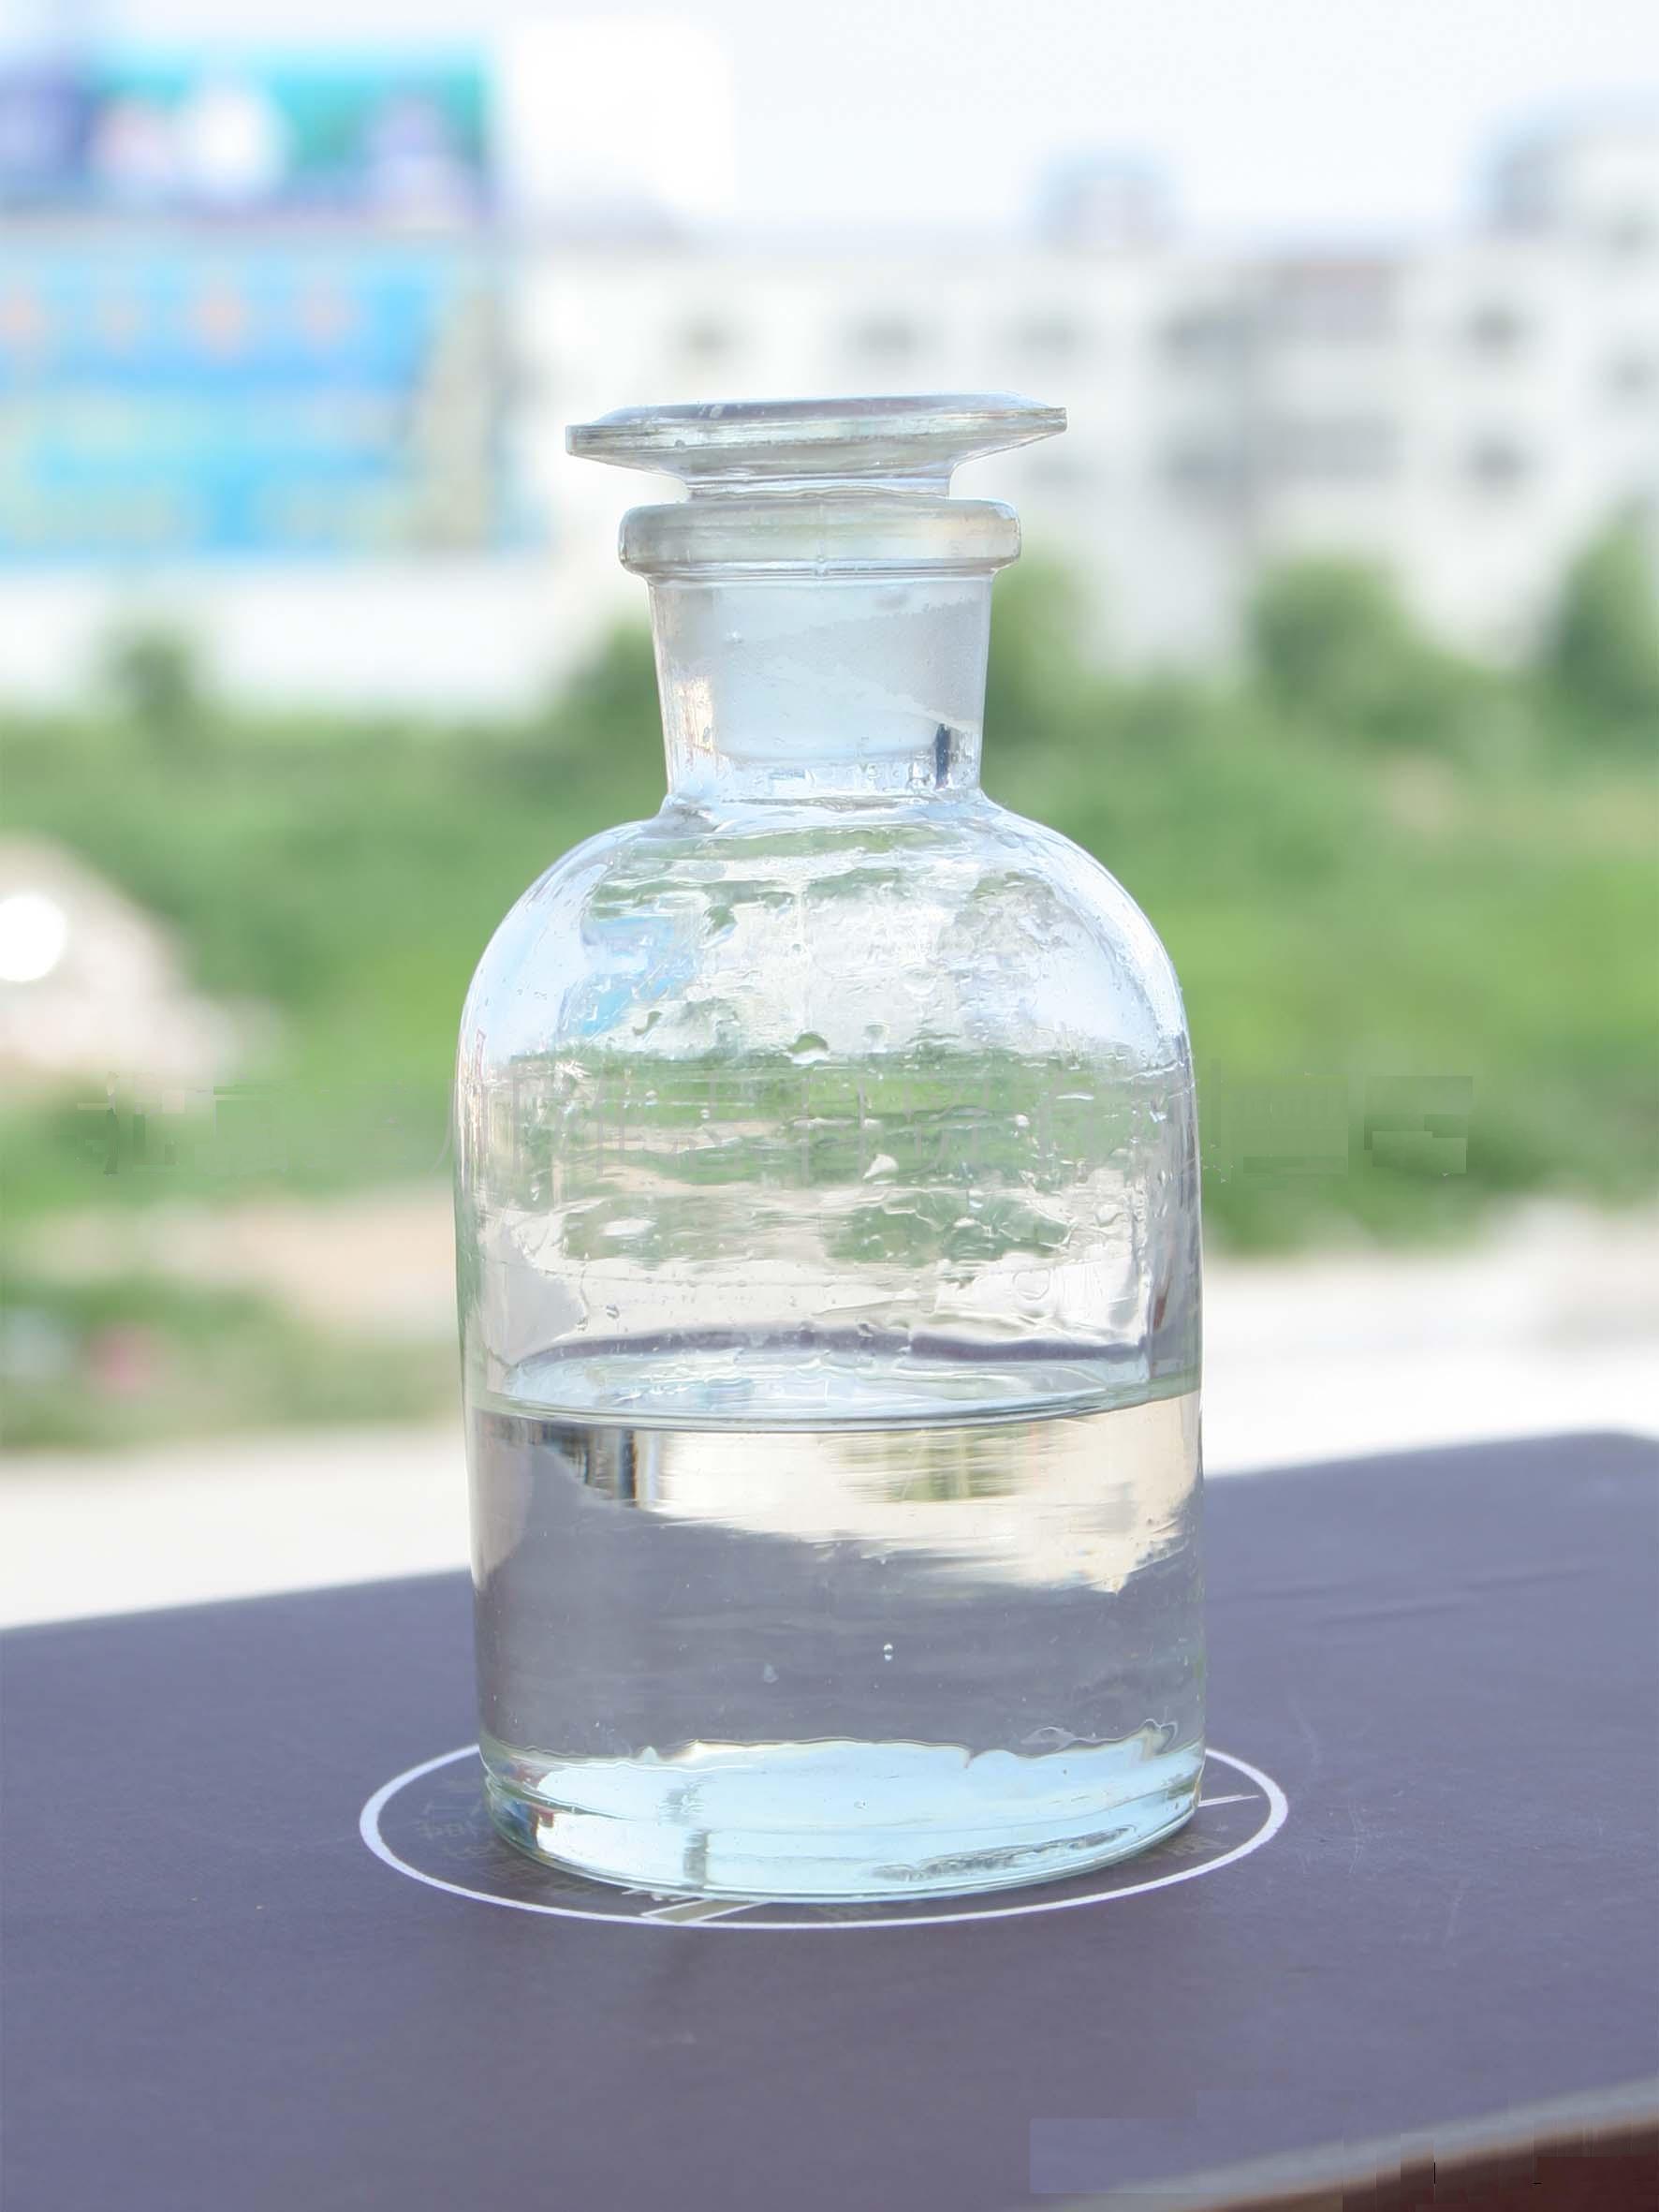 کاربرد های اتیلن گلیکول